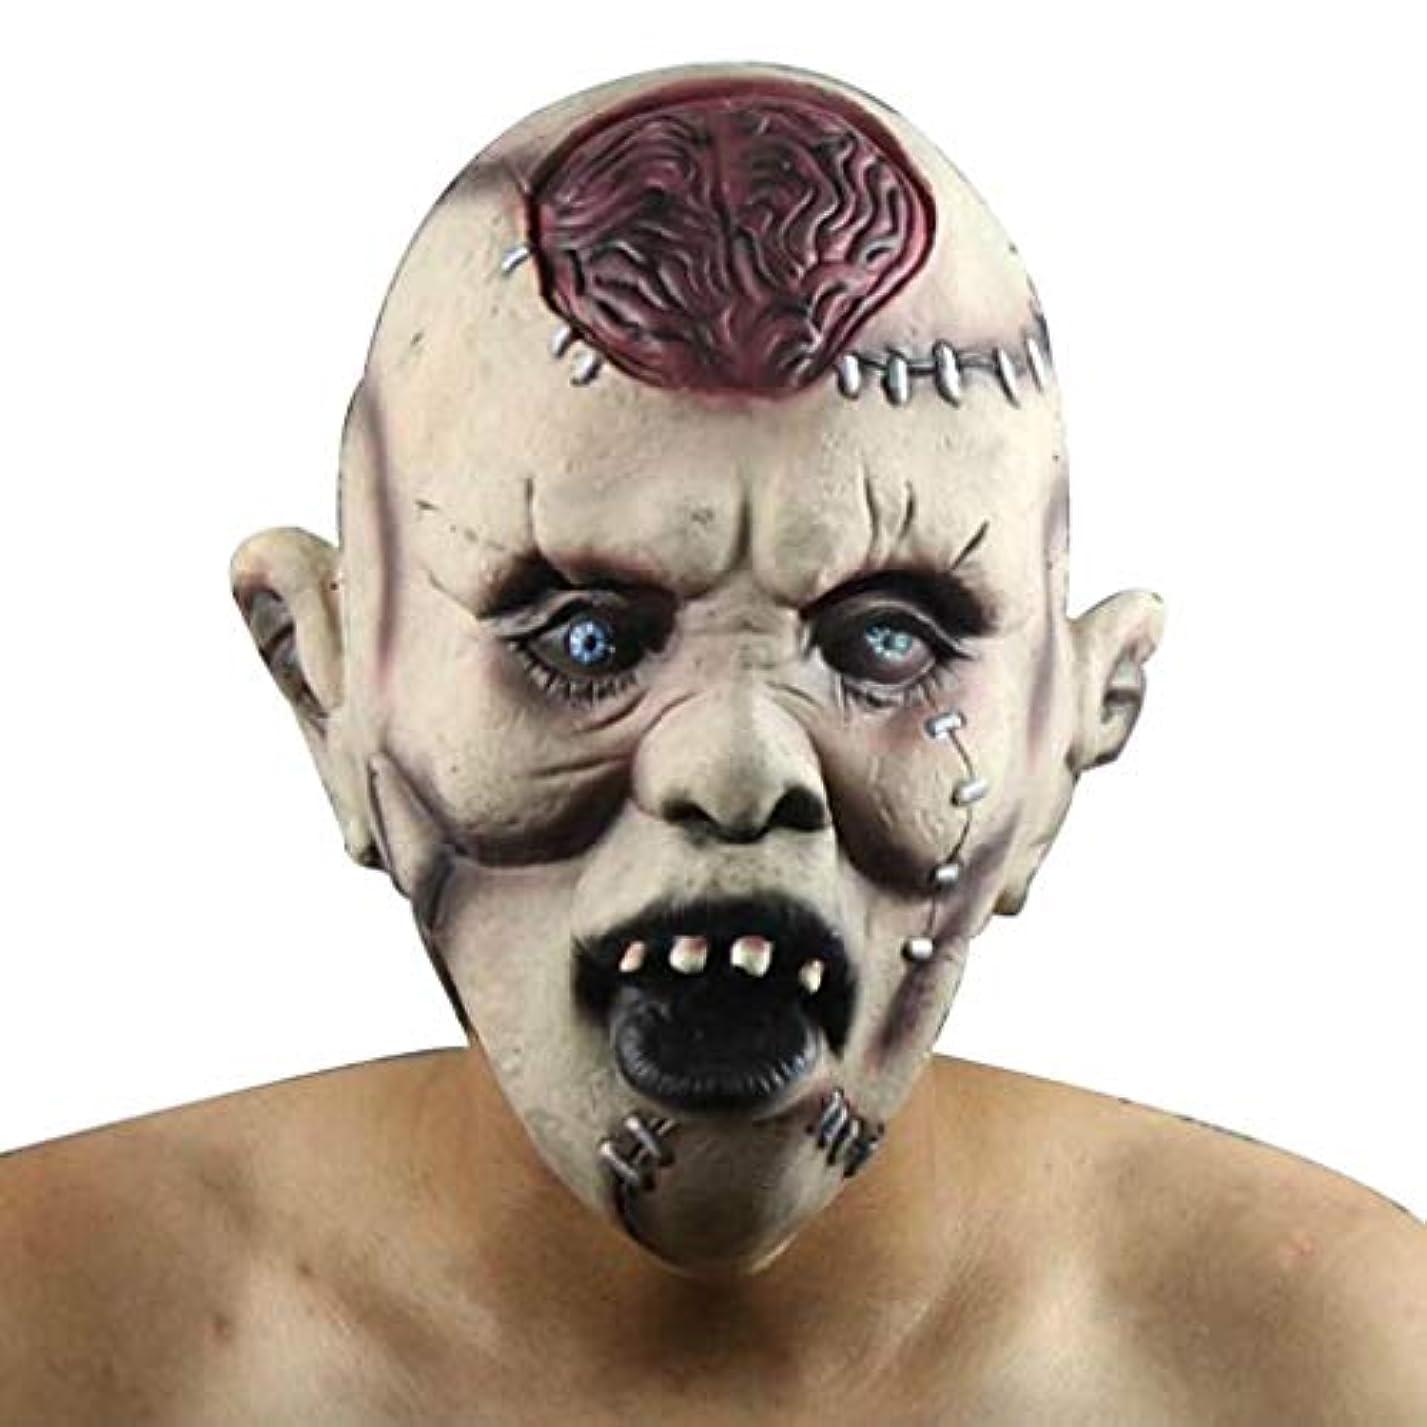 経営者表面的なゲインセイハロウィンゴーストマスクホラーマスクホラーラテックスヘッドカバー映画小道具仮面舞踏会マスク